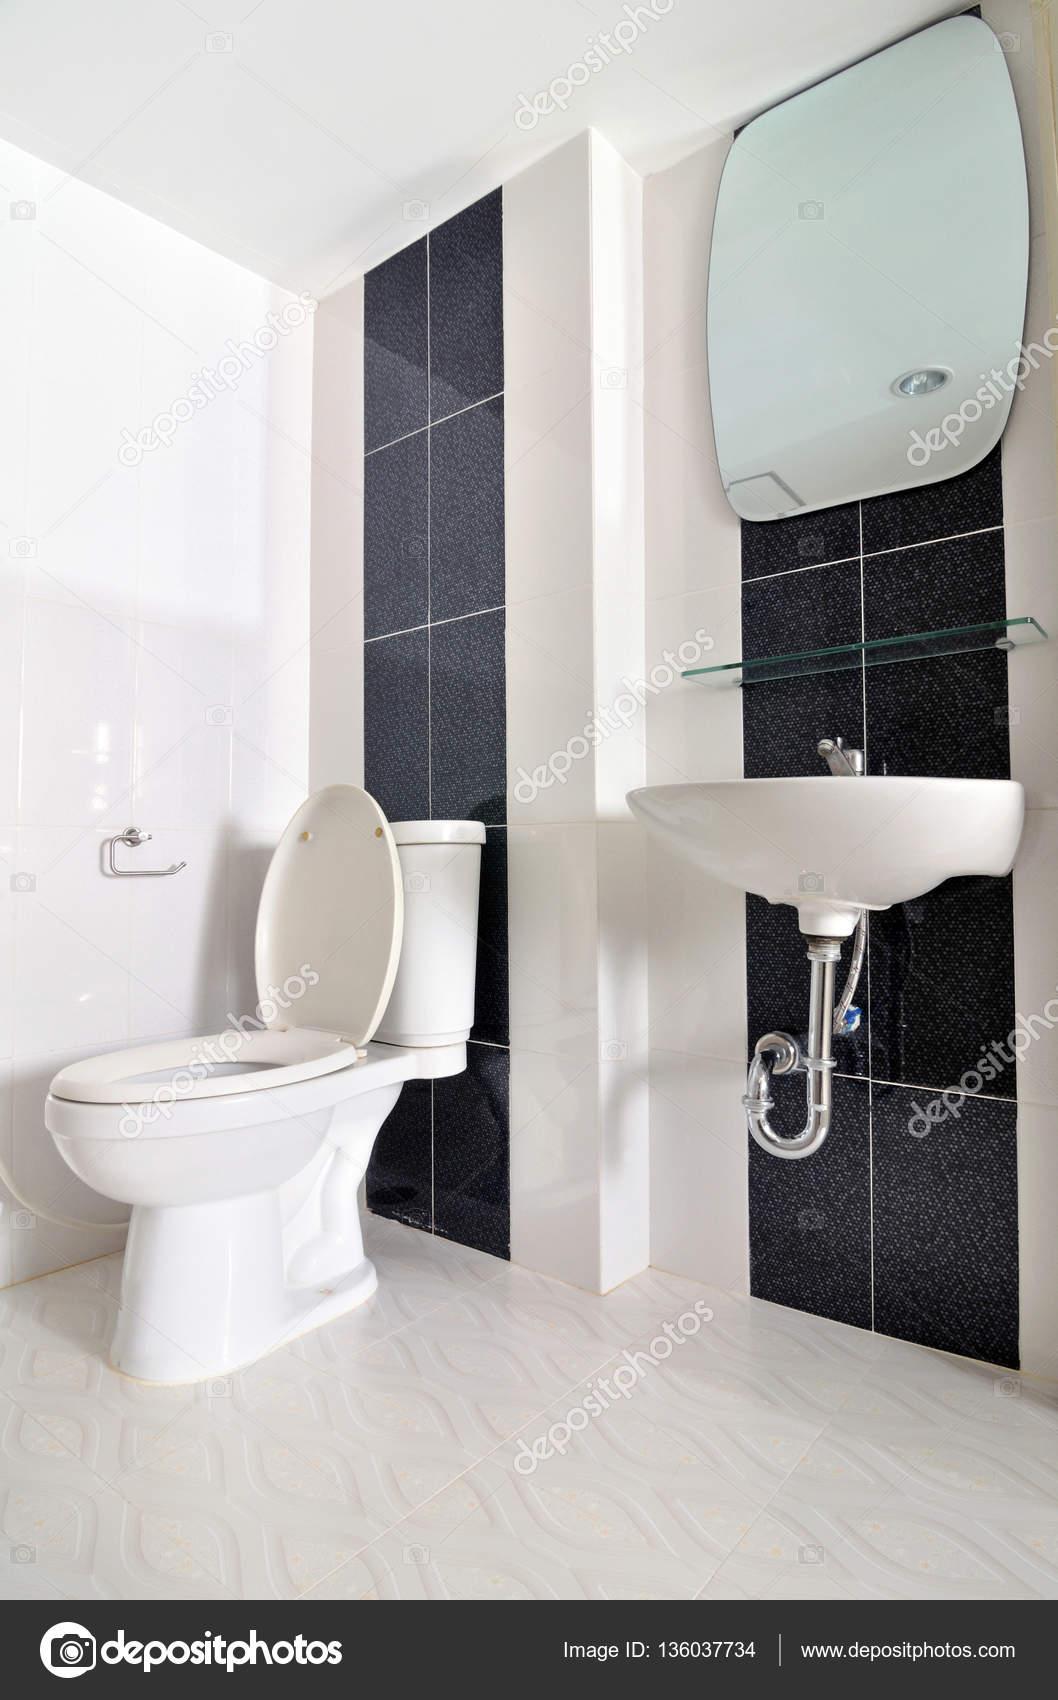 Bom Pequeno Banheiro Simples Com Pia E Wc Fotografias De